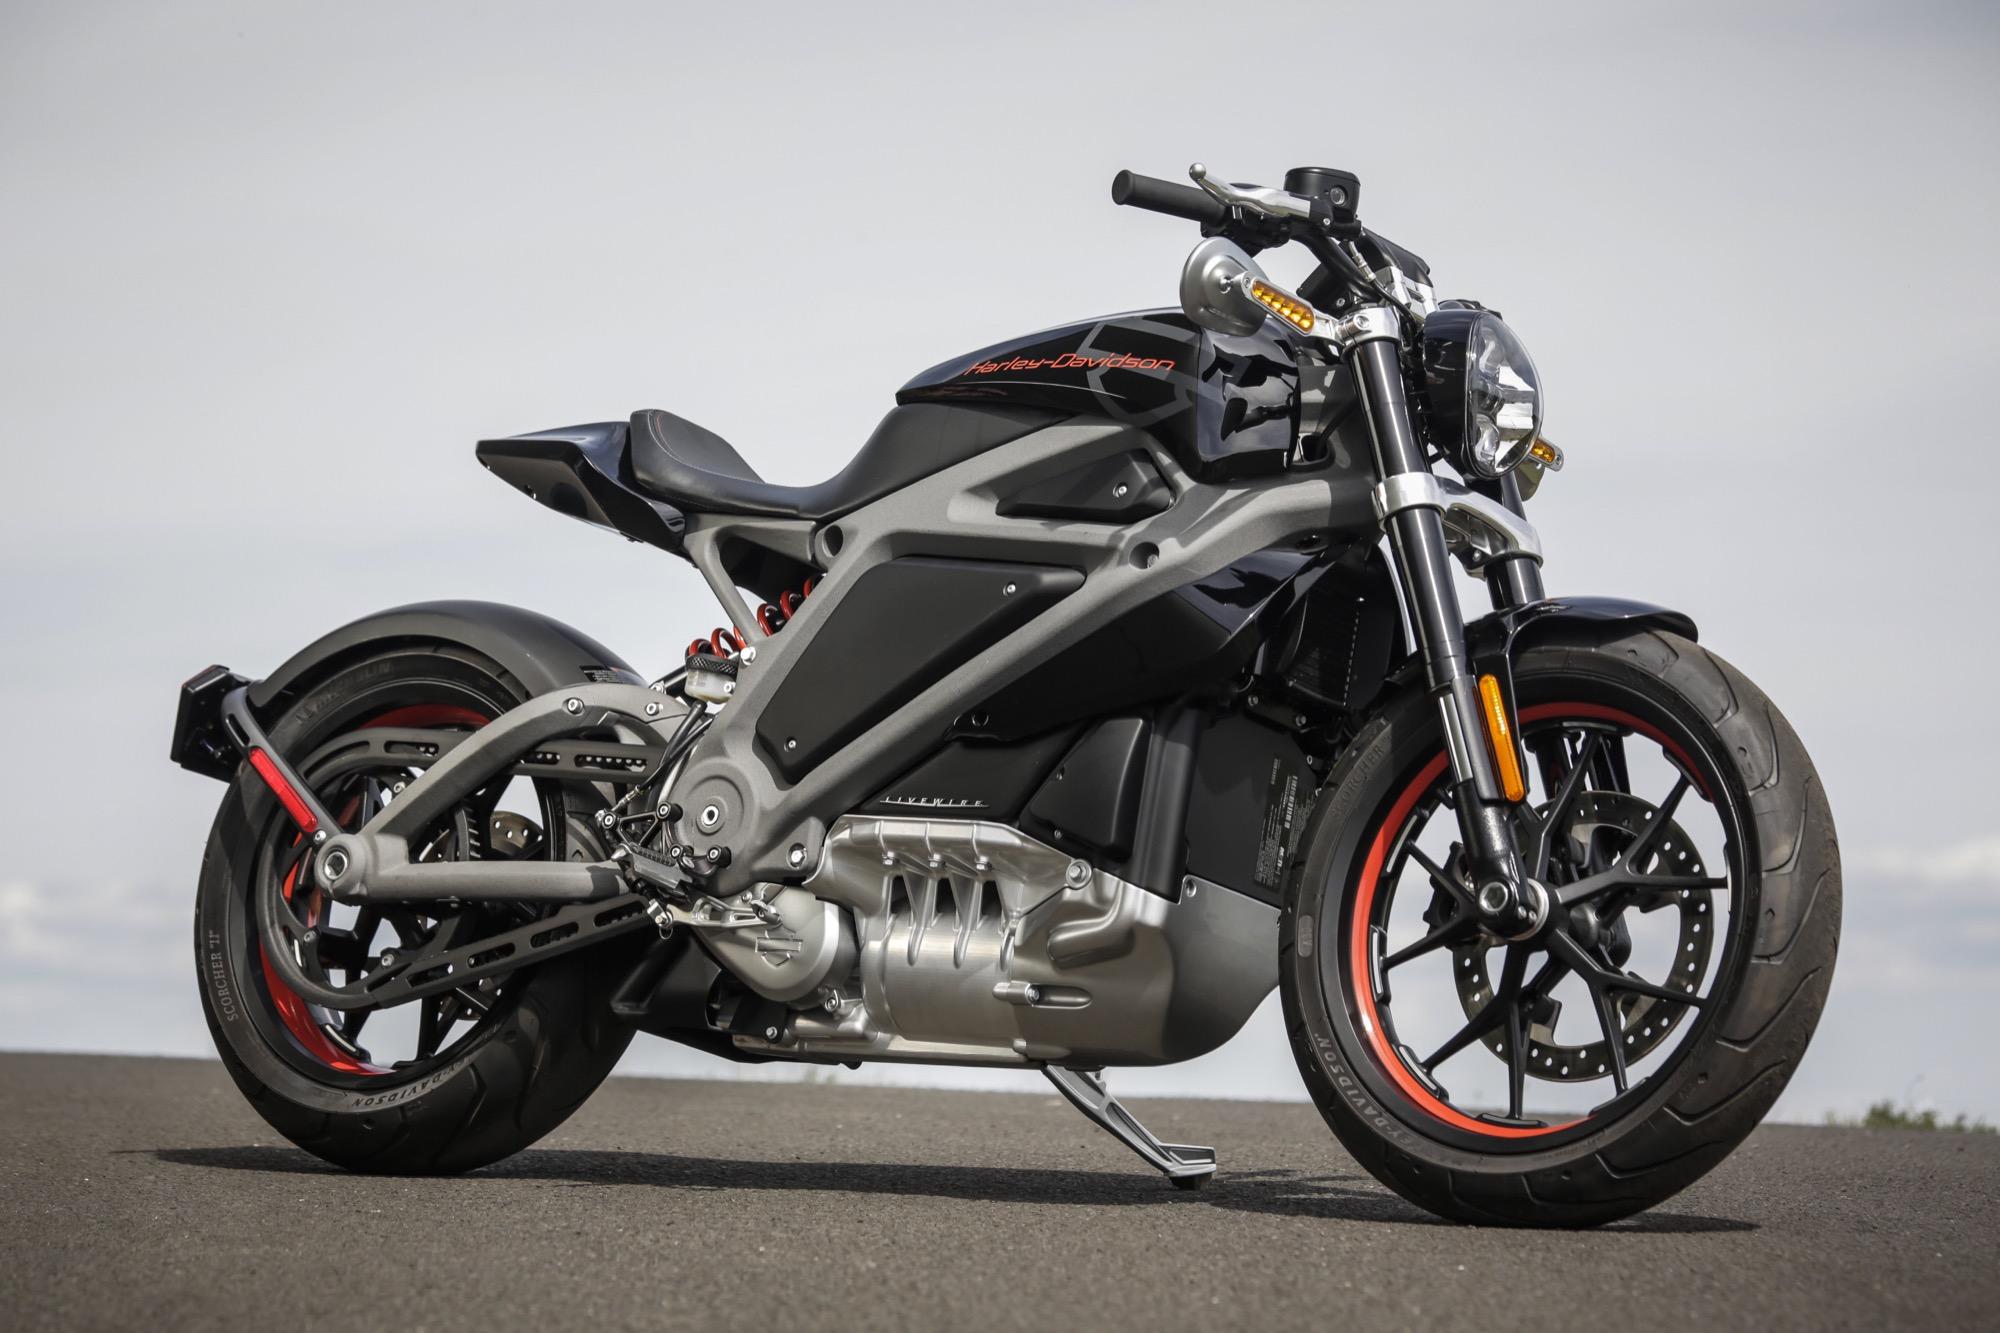 Probamos La Impresionante Harley Davidson Livewire